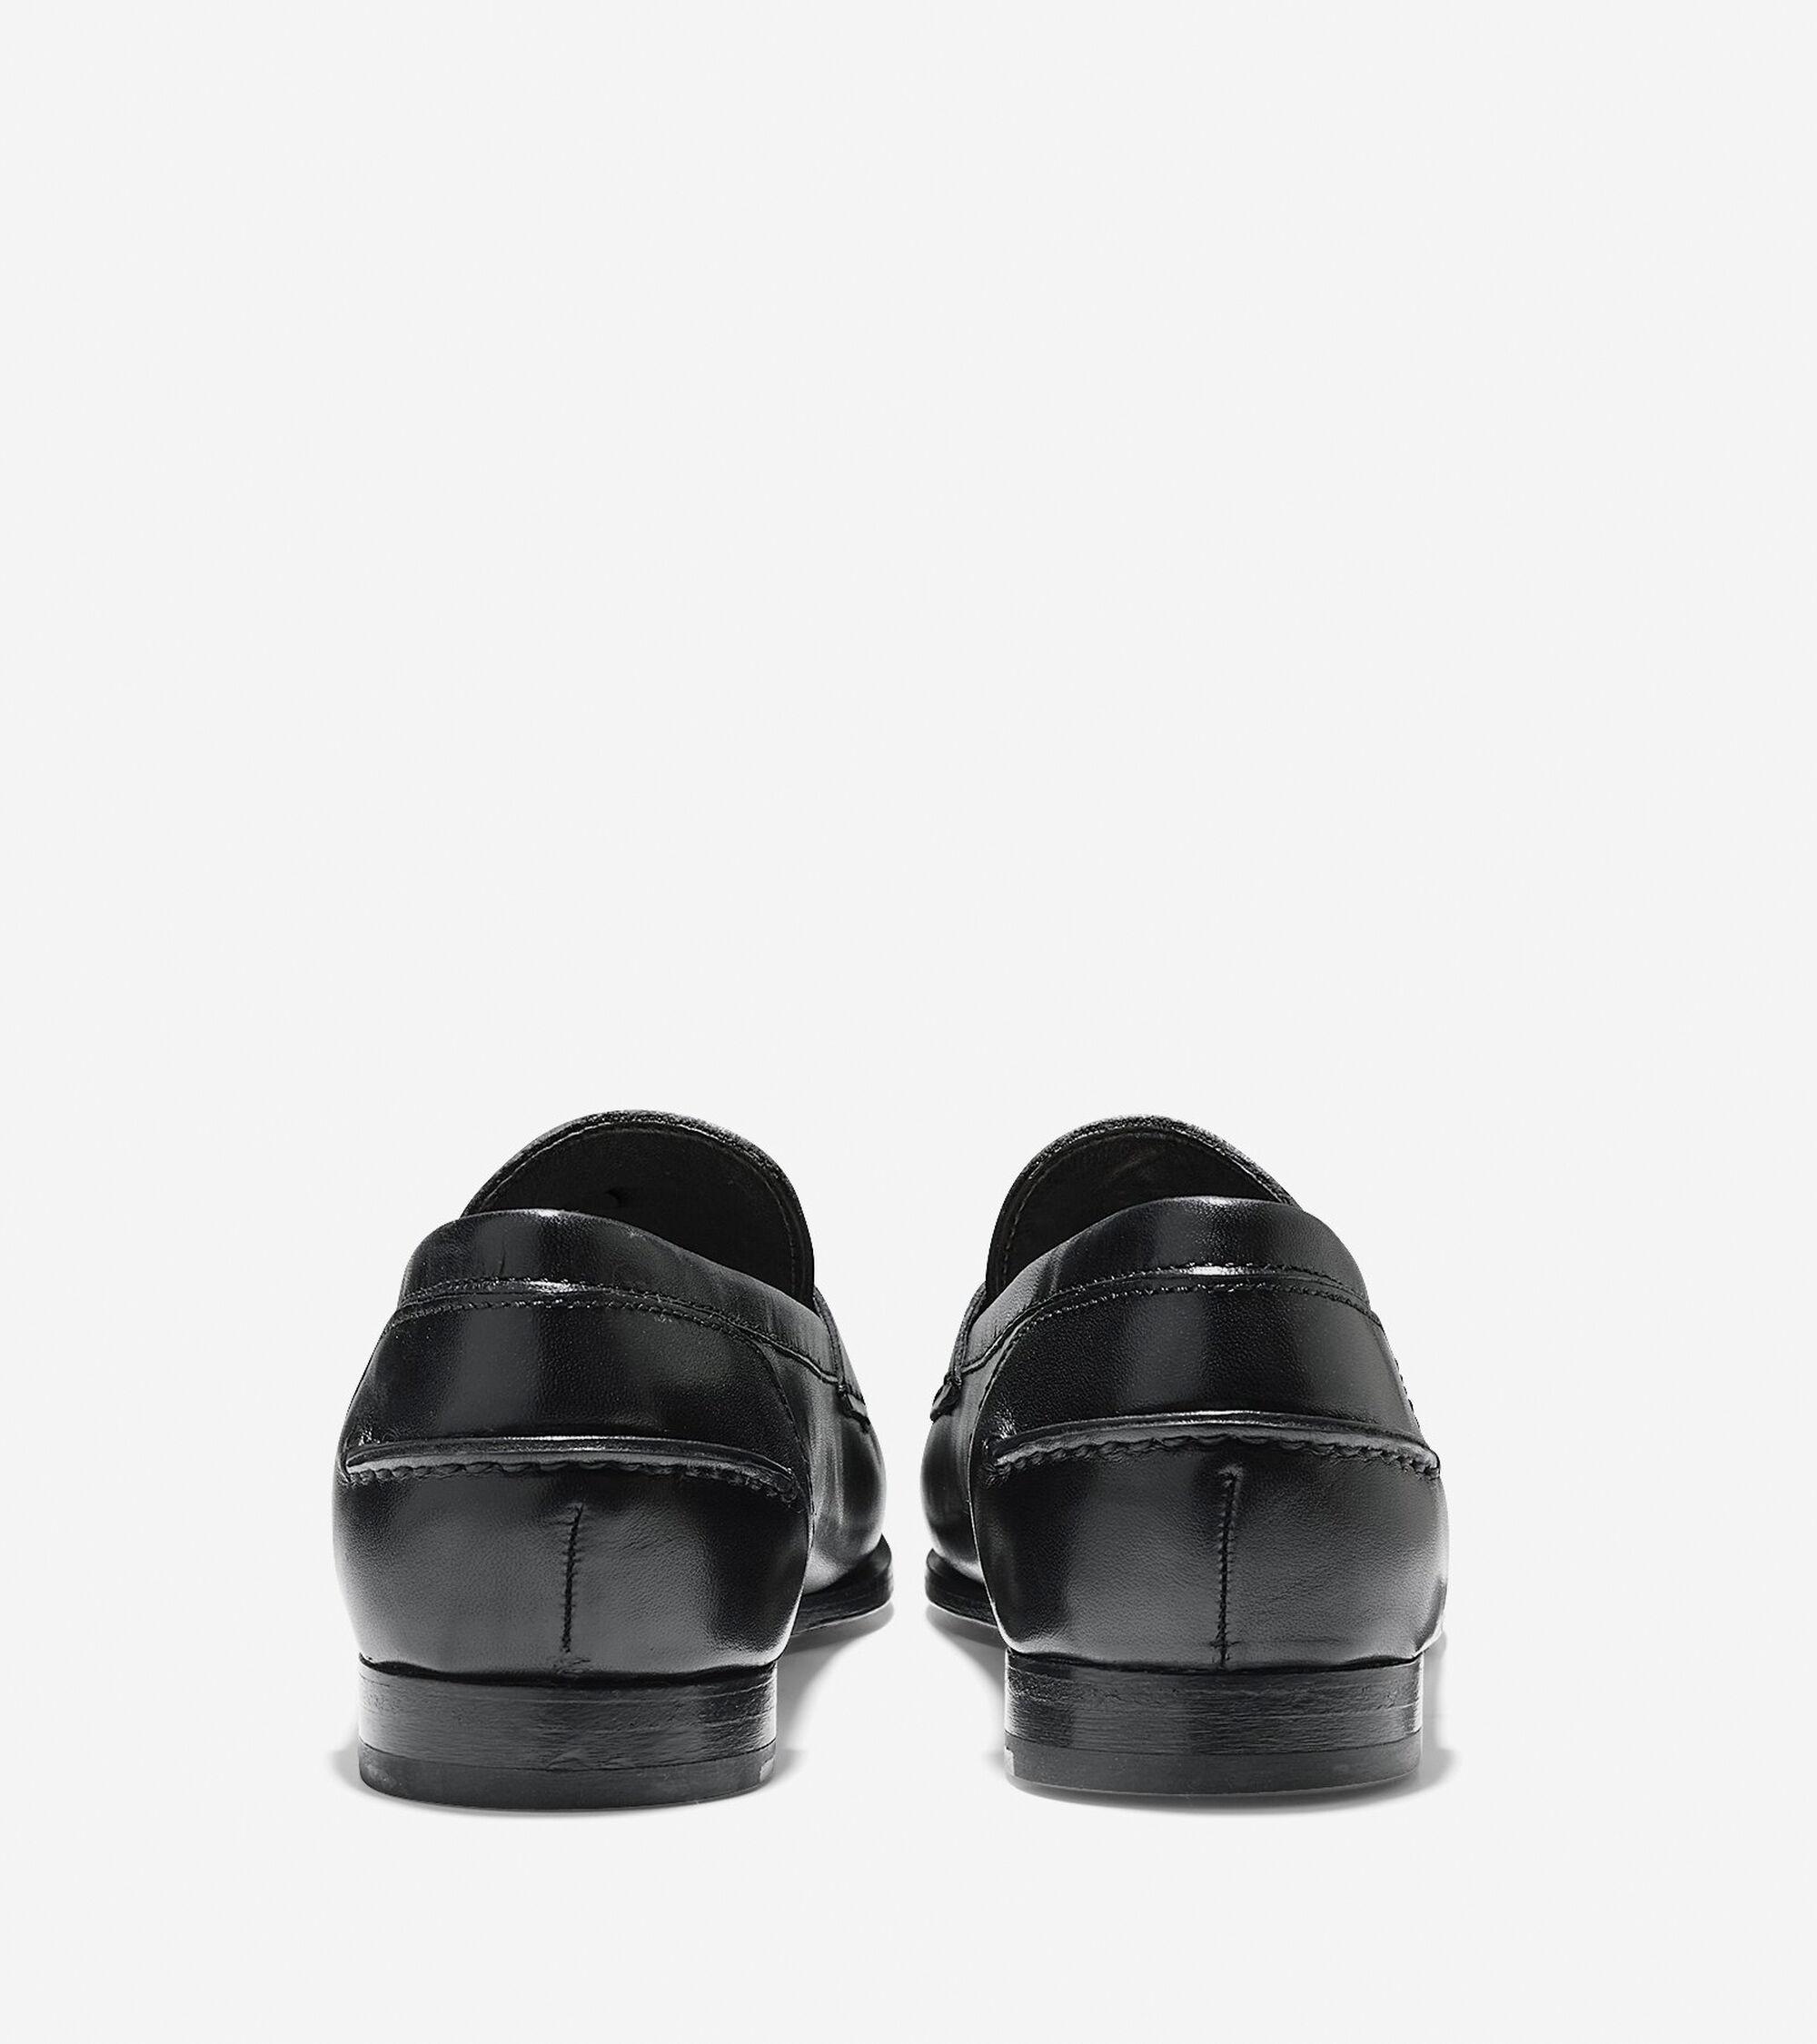 7a8da3d1fe3 Women s Pinch Grand Penny Loafers in Black